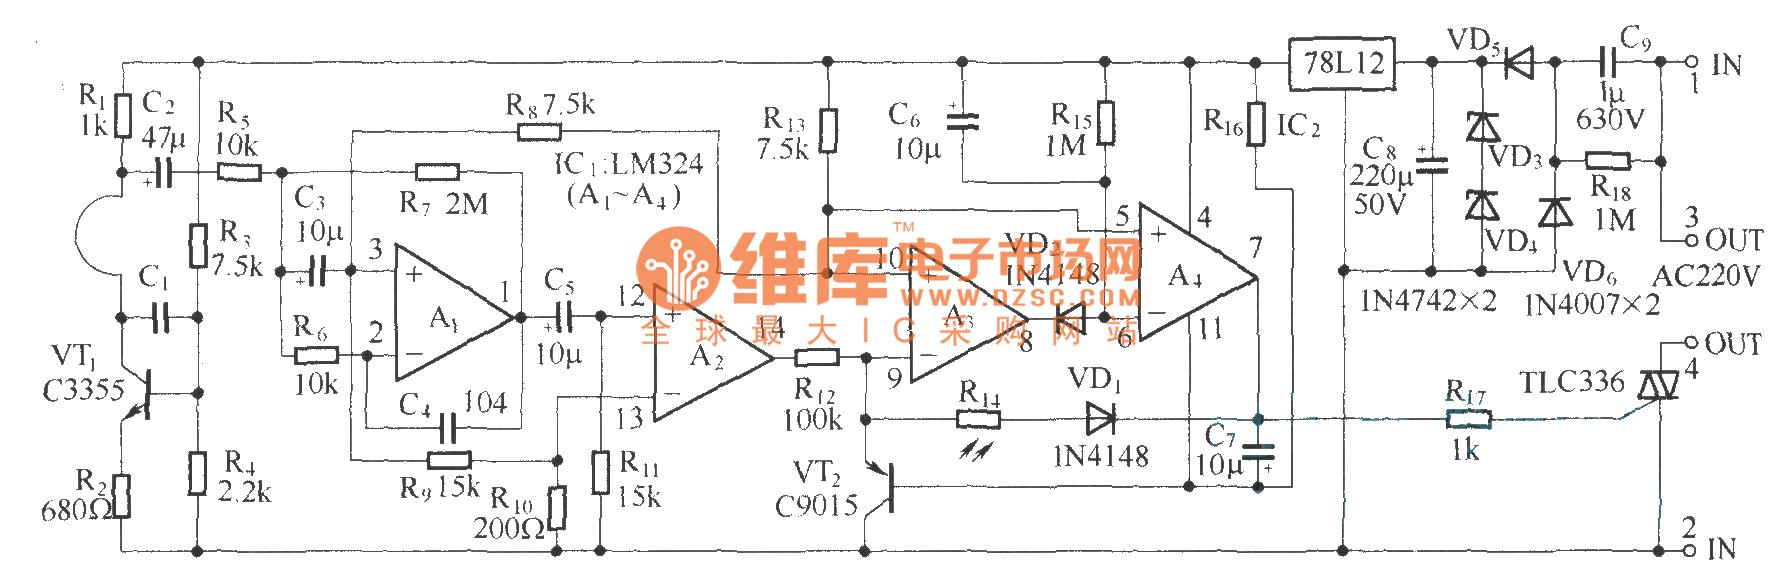 Kl3 Microwave Electronic Switching Circuit Diagram Basic